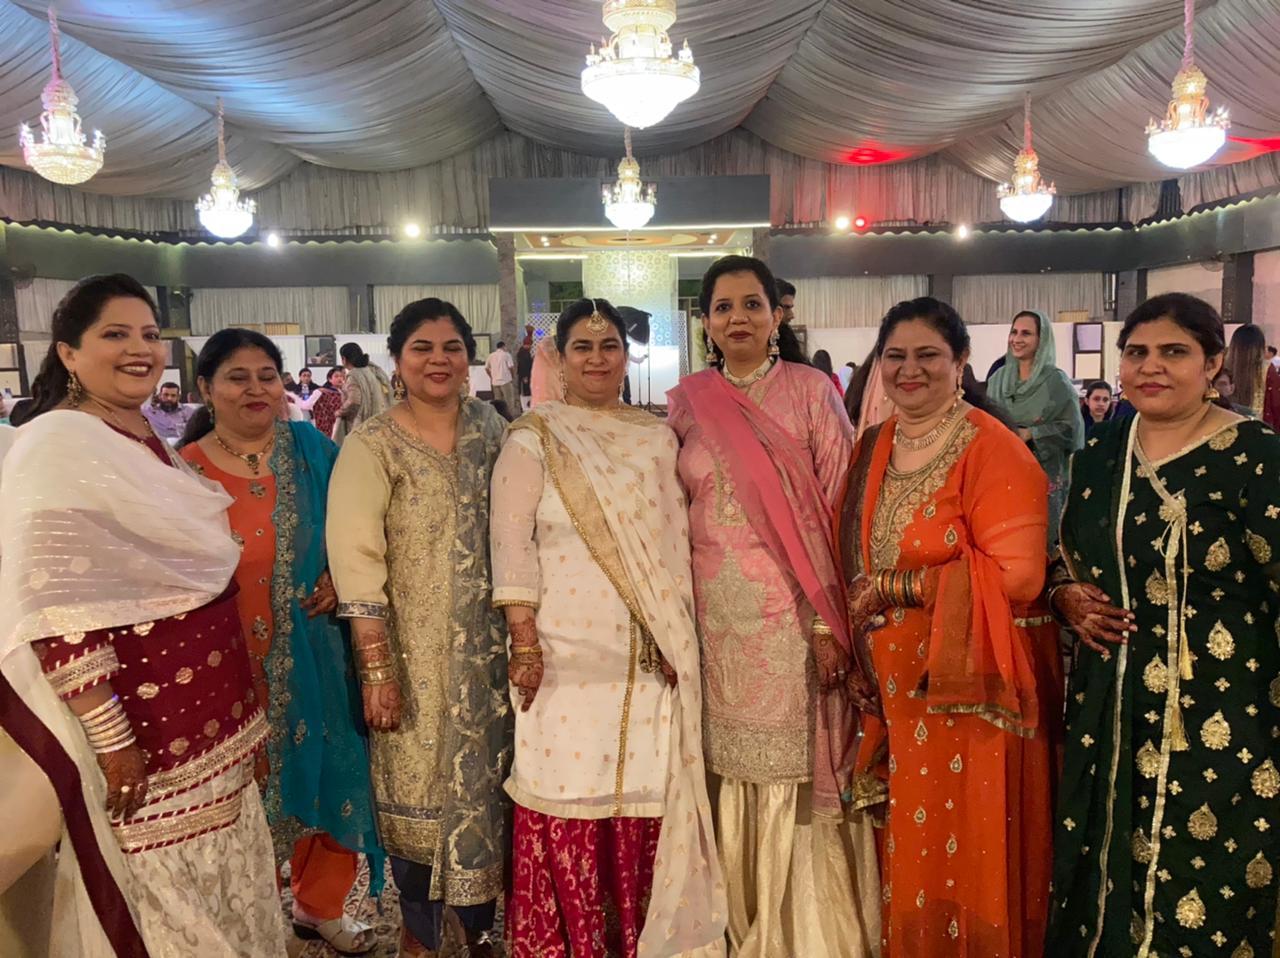 Kiran and Erum with the groom's sisters: Saba, Manza, Farhat, Farah and Hina